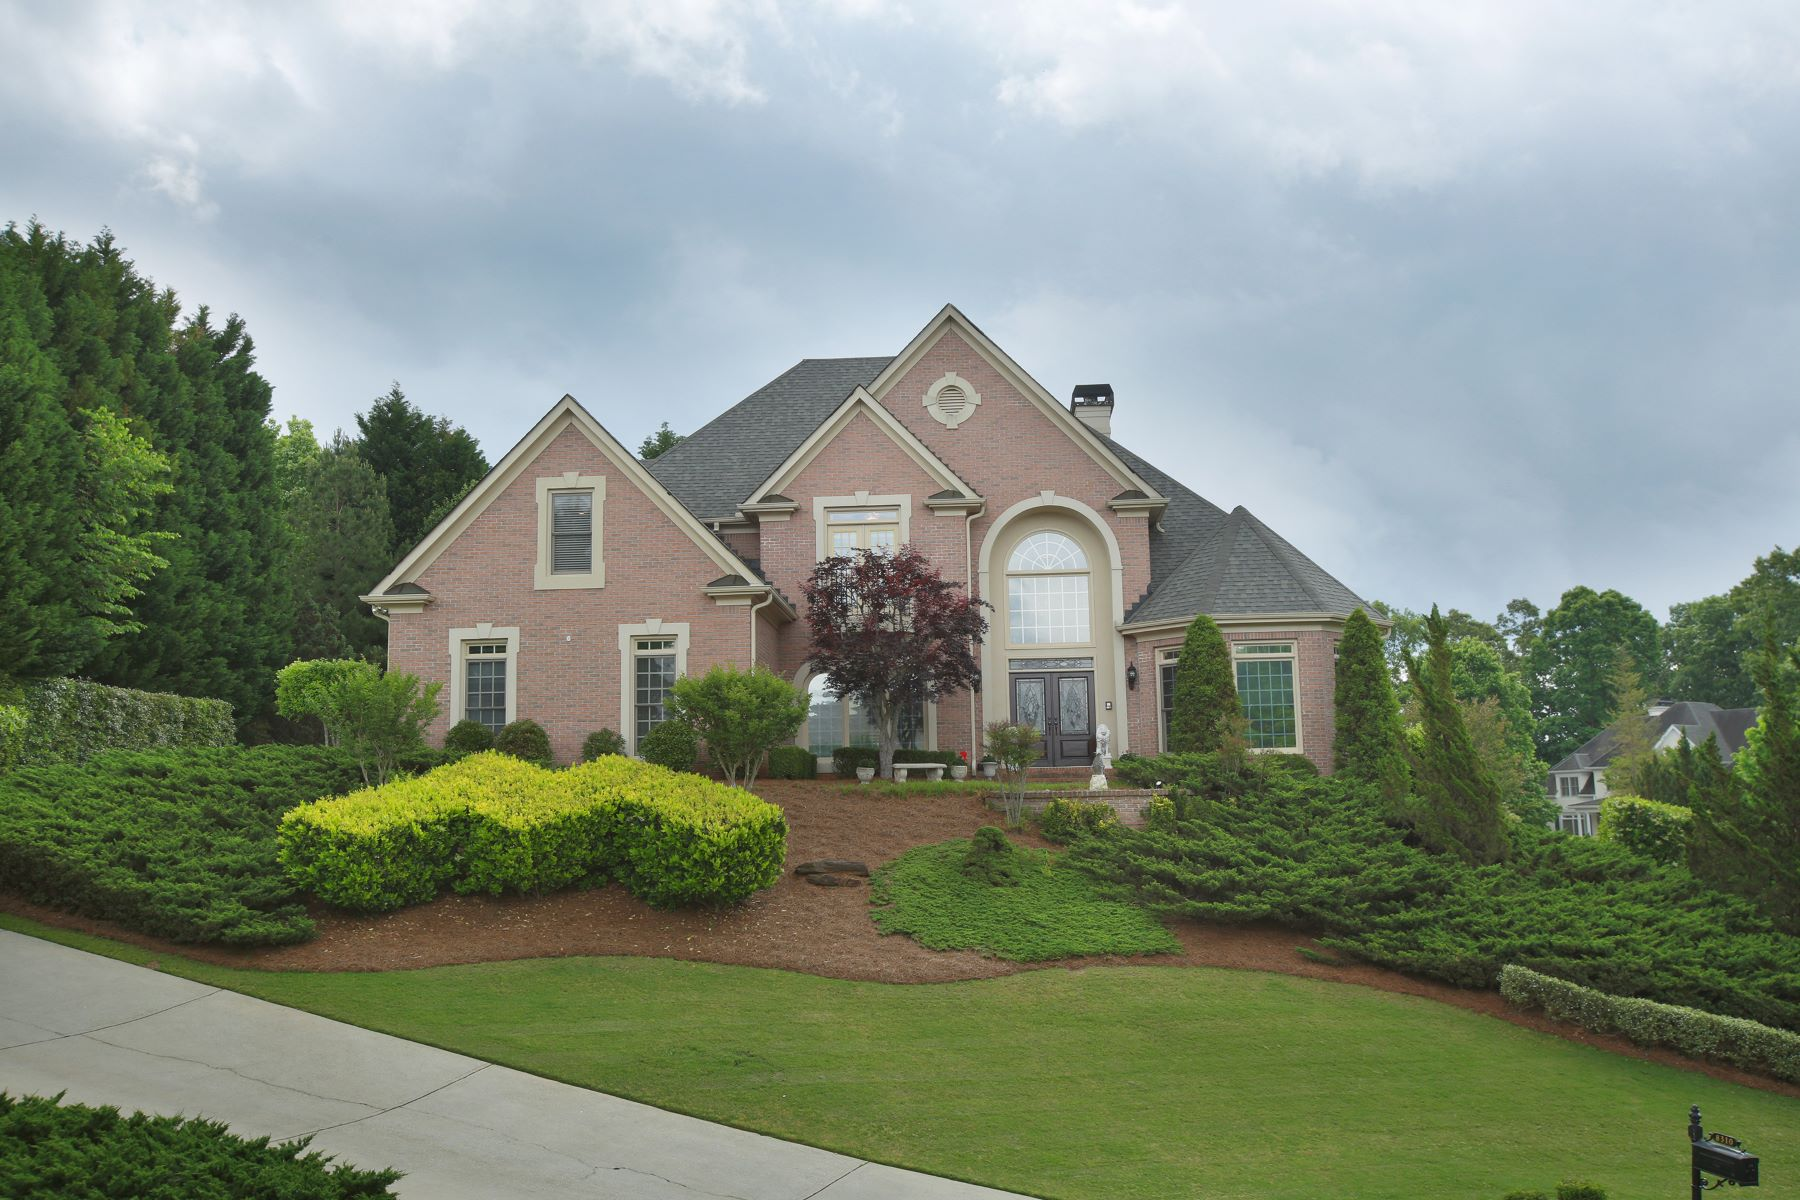 Villa per Vendita alle ore A Fabulous Home in a Gated Golf Community 8310 Royal Troon Drive Duluth, Georgia, 30097 Stati Uniti